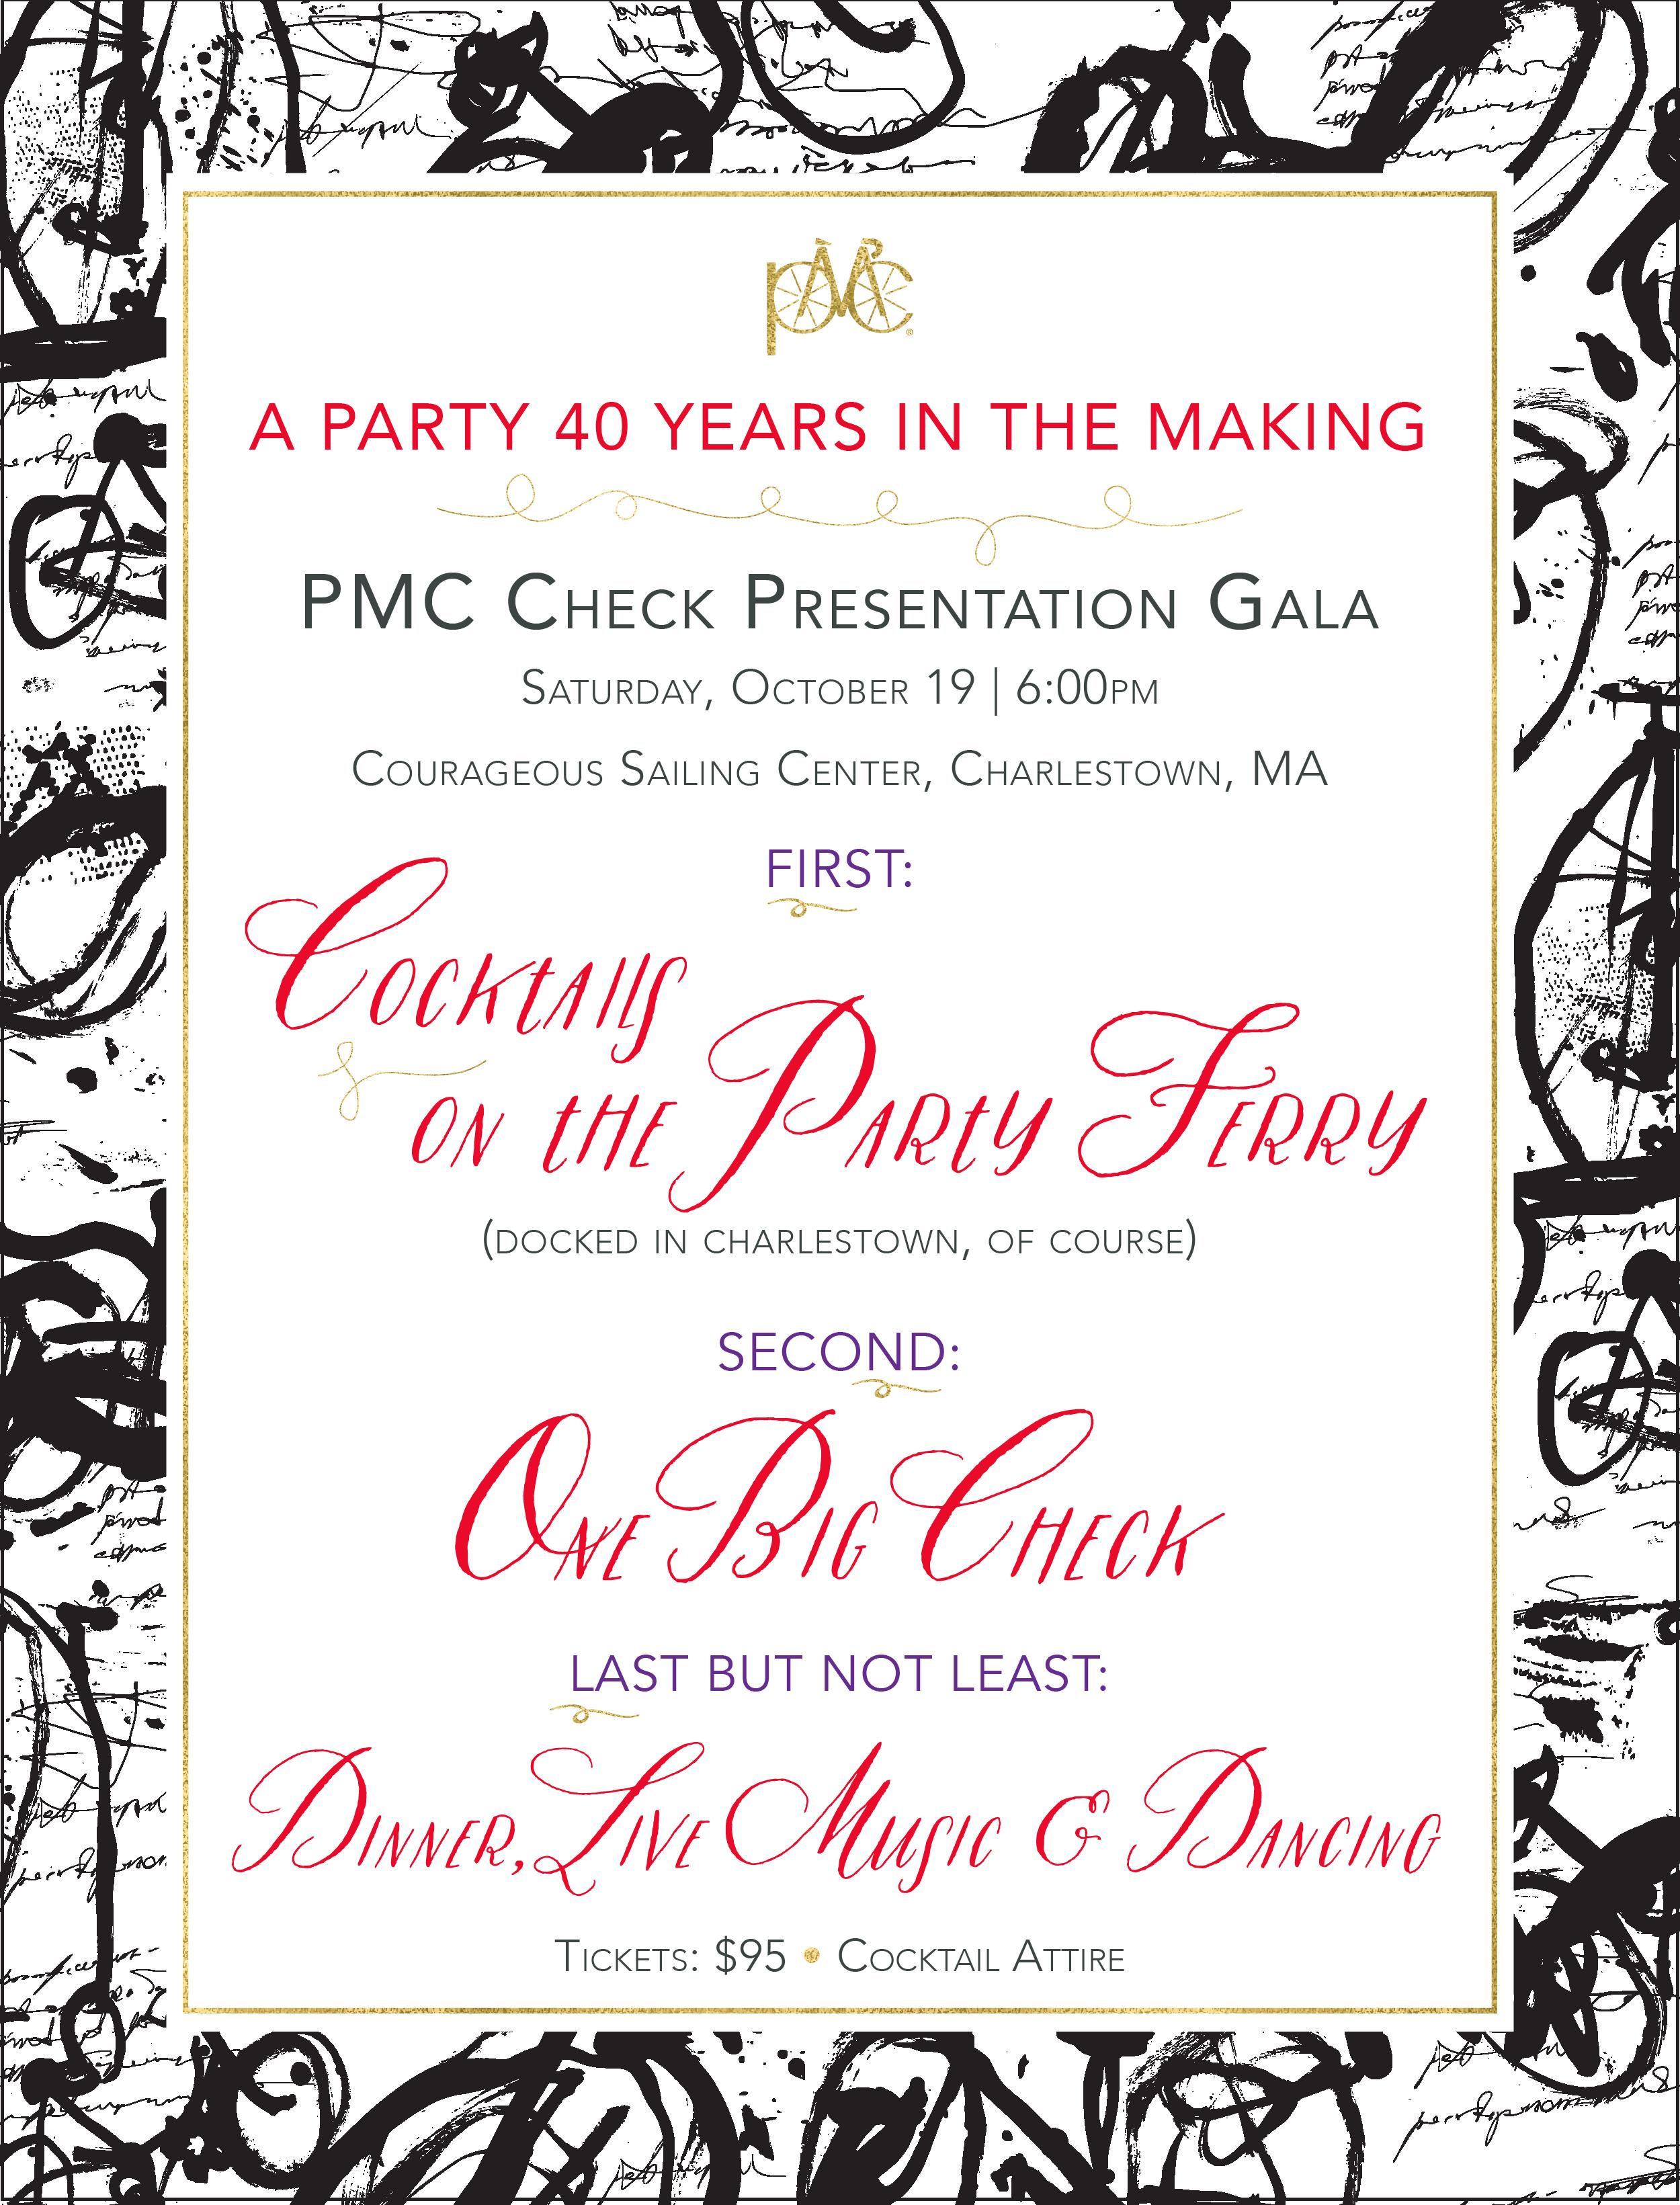 2019 PMC Check Presentation Gala Invitation